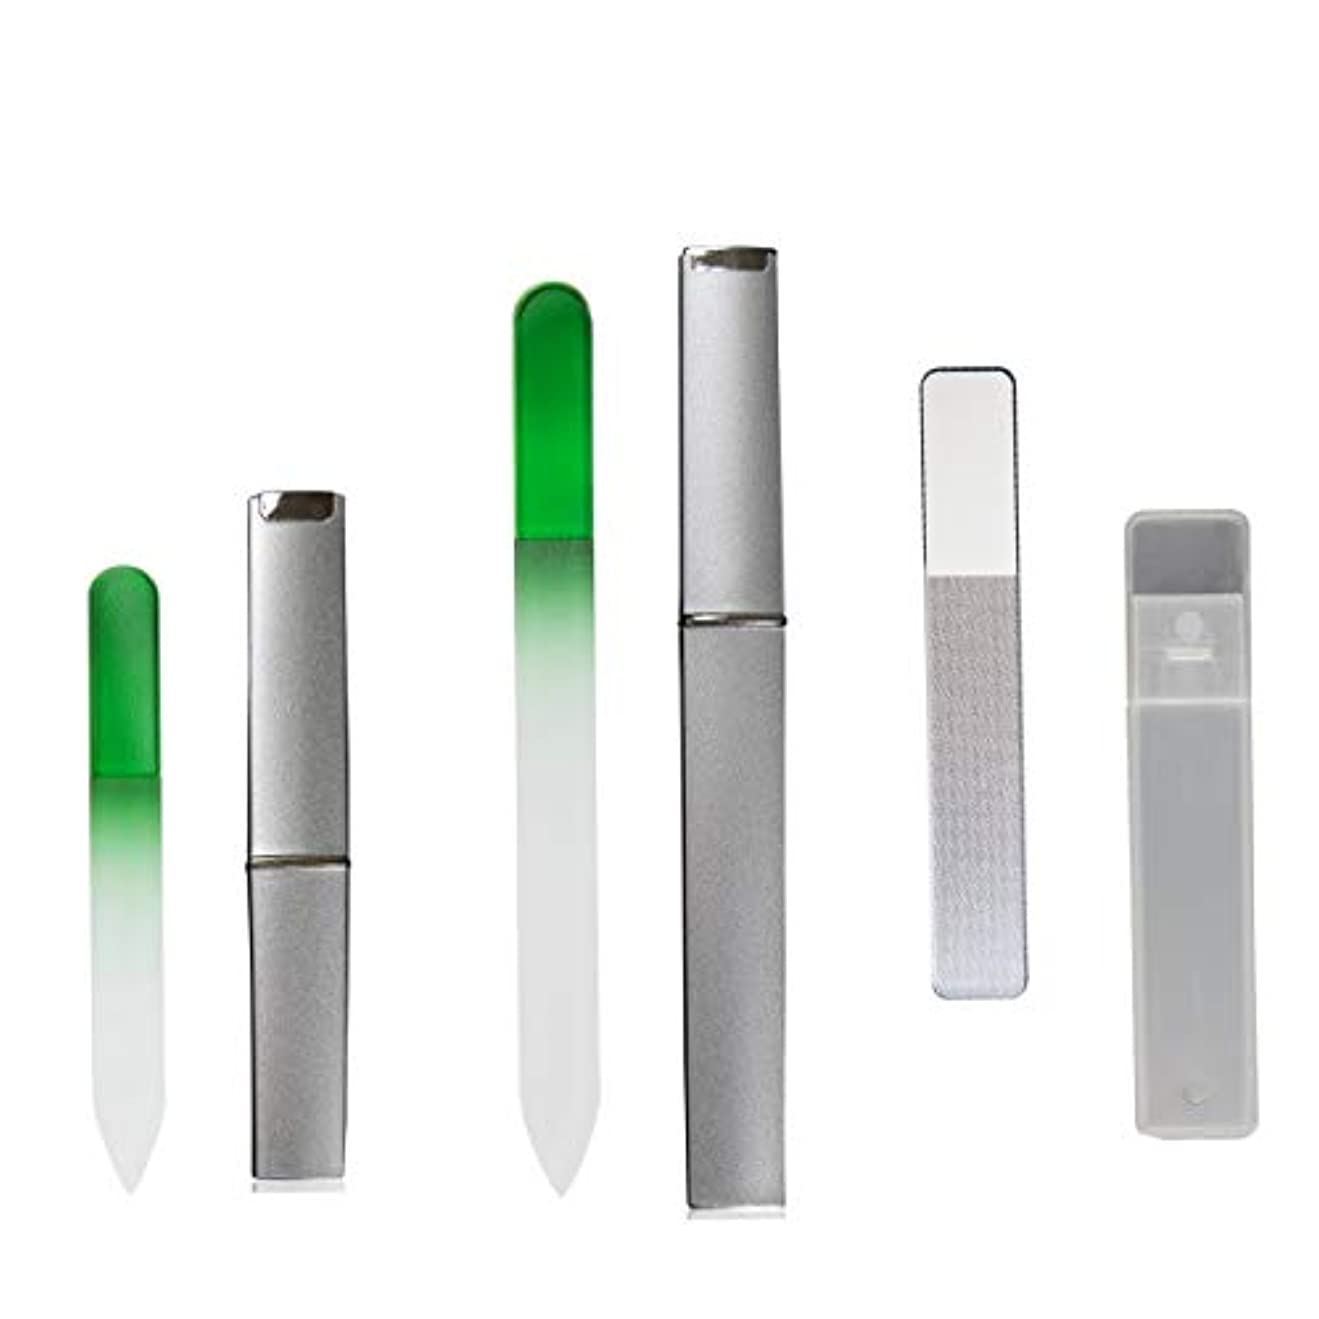 クリープ横に受け入れるガラス製ネイルケアセット爪やすり 爪磨き ネイル ケアセット、4点セット